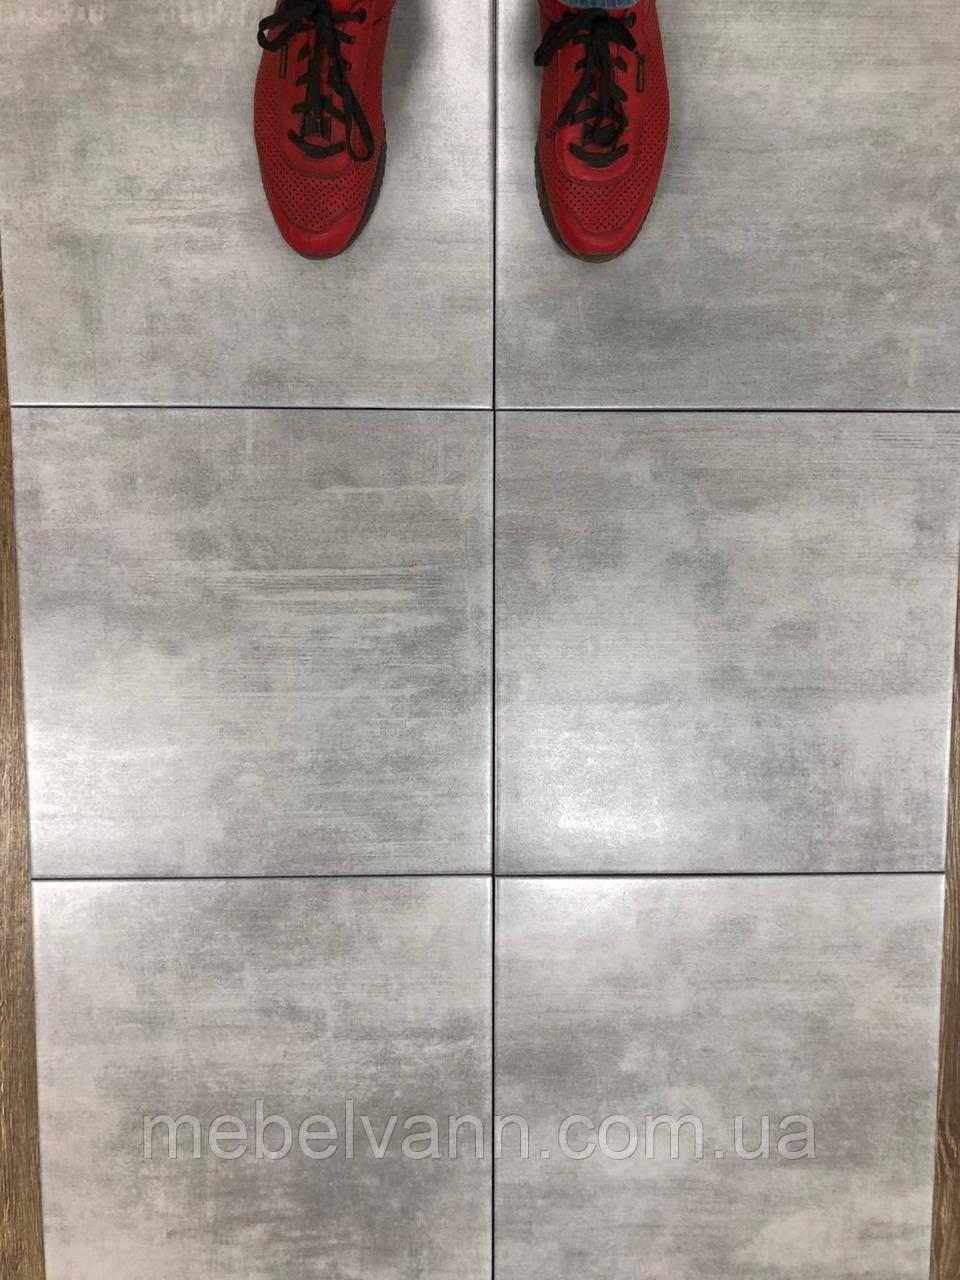 Керамограніт для підлоги Beton 40X40 Бетон сірий